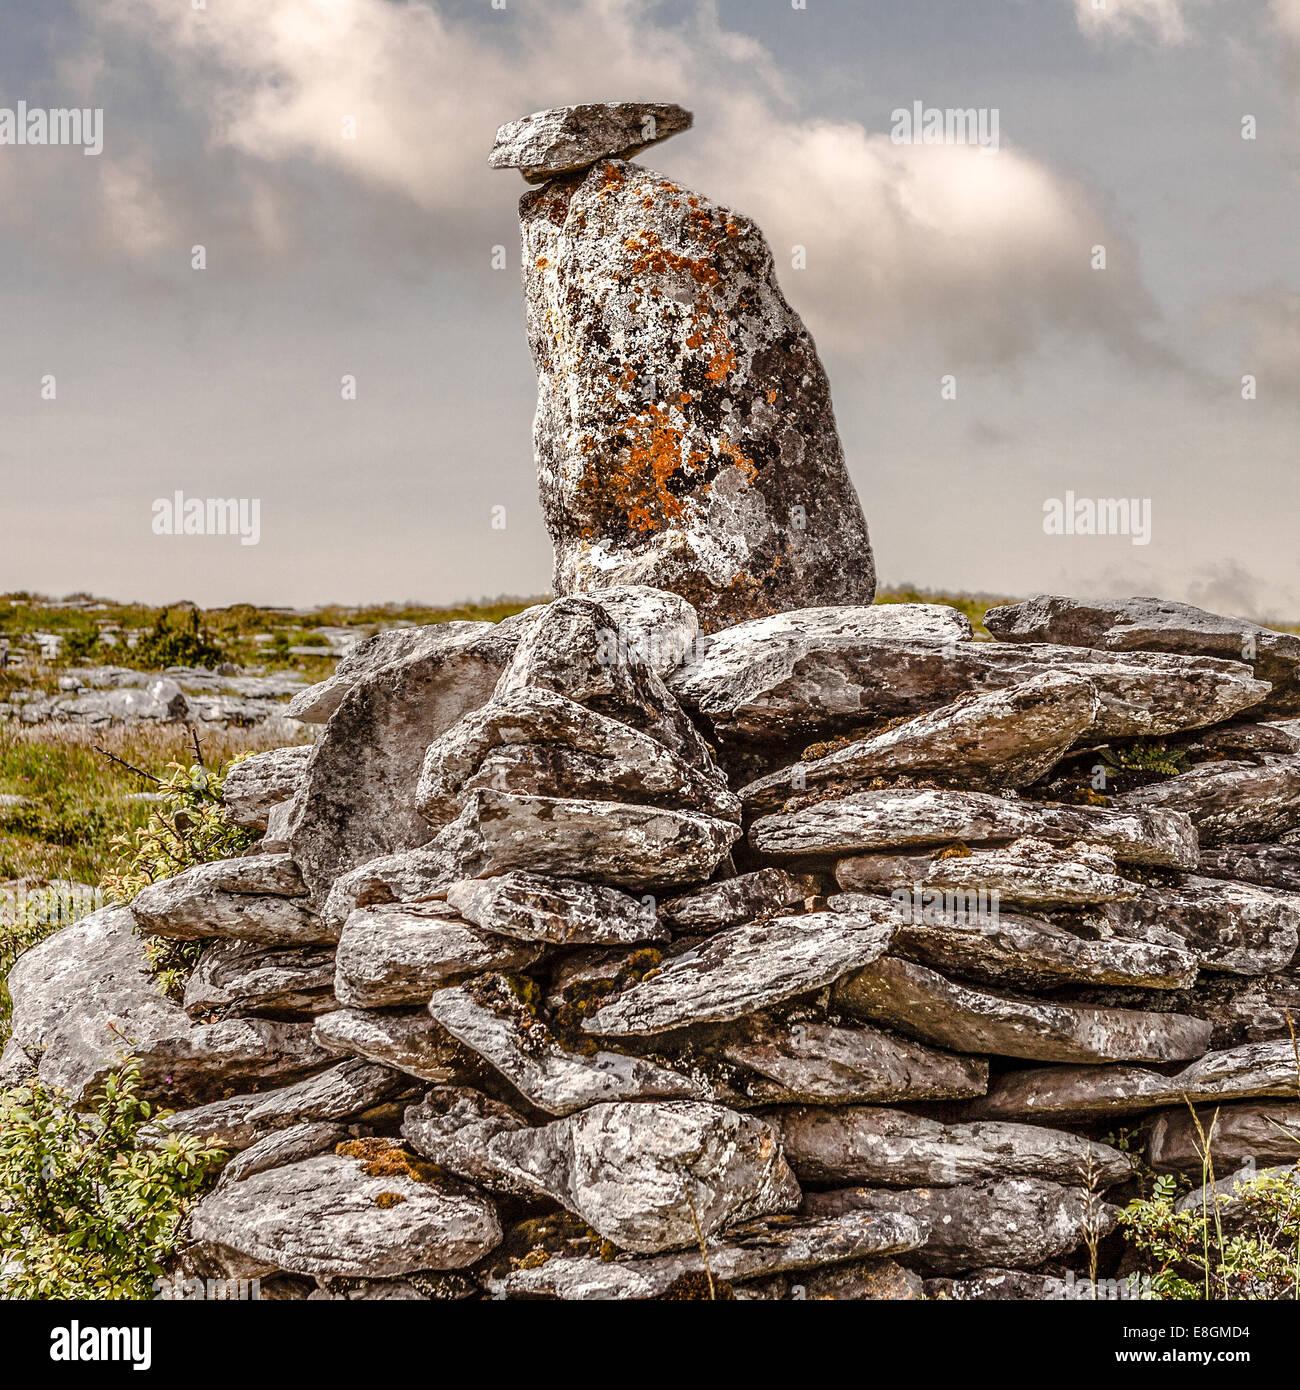 Regno Unito e Irlanda del Nord, Ulster, County Down, Newry, Burren, due pietre bilanciato sulla pila di rocce Immagini Stock